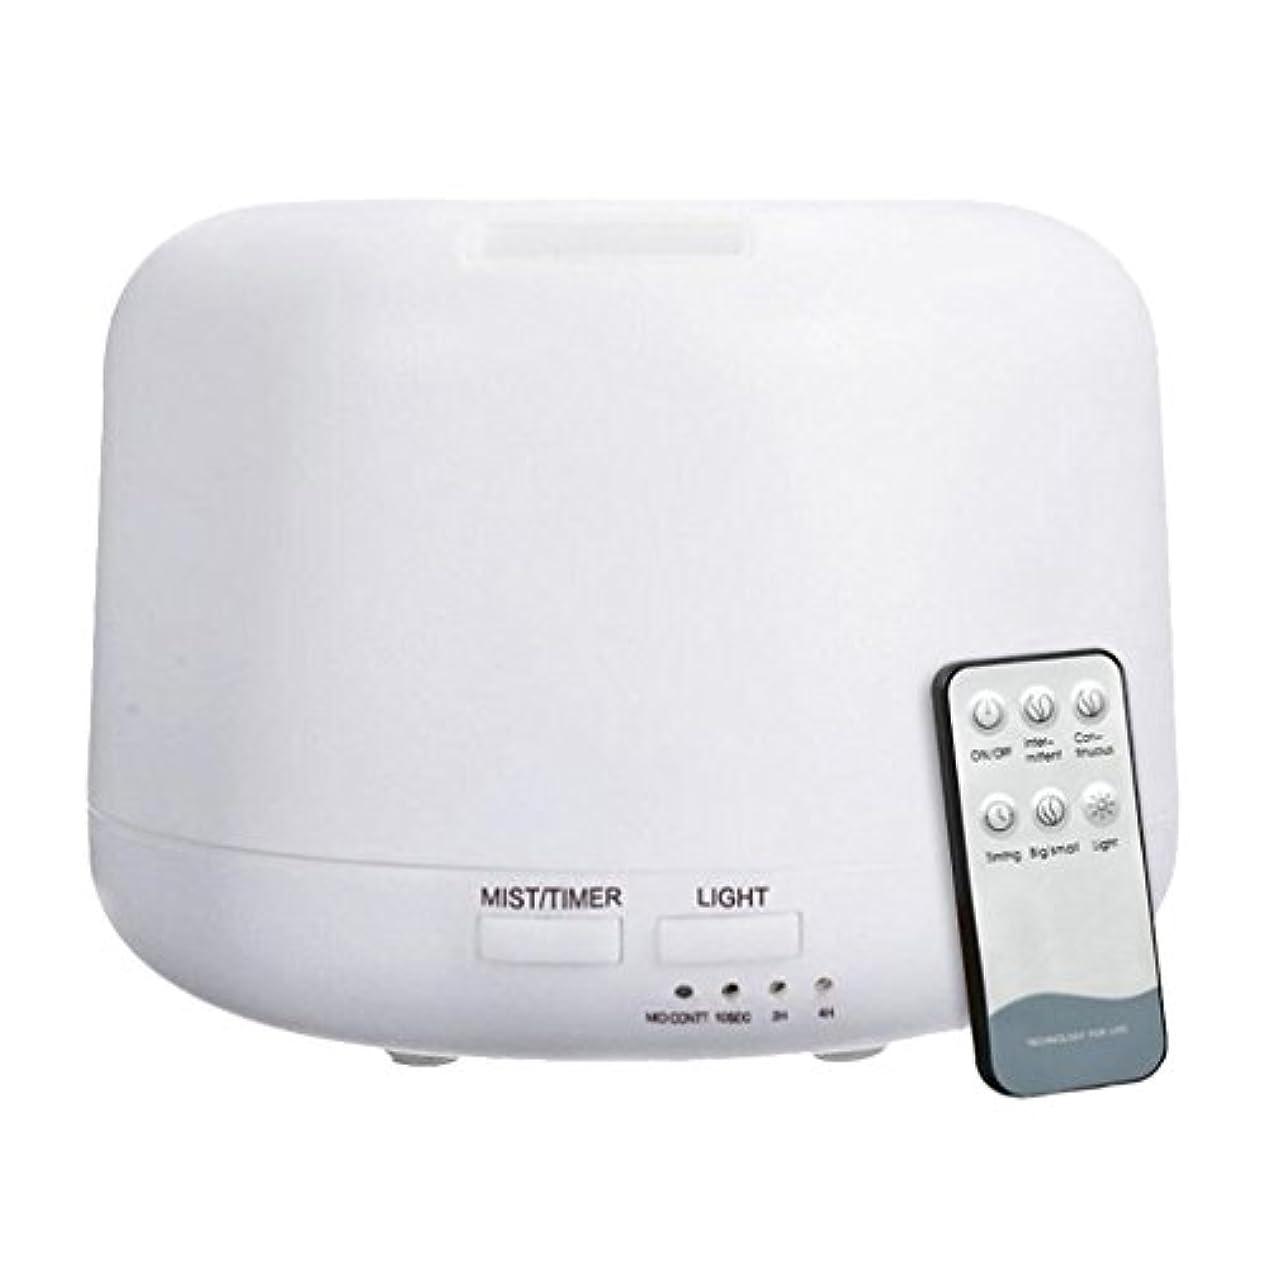 腐敗イル格納Homyl 300ML ポータブル 空気ディフューザ 超音波 加湿器 リモートコントロール USプラグ